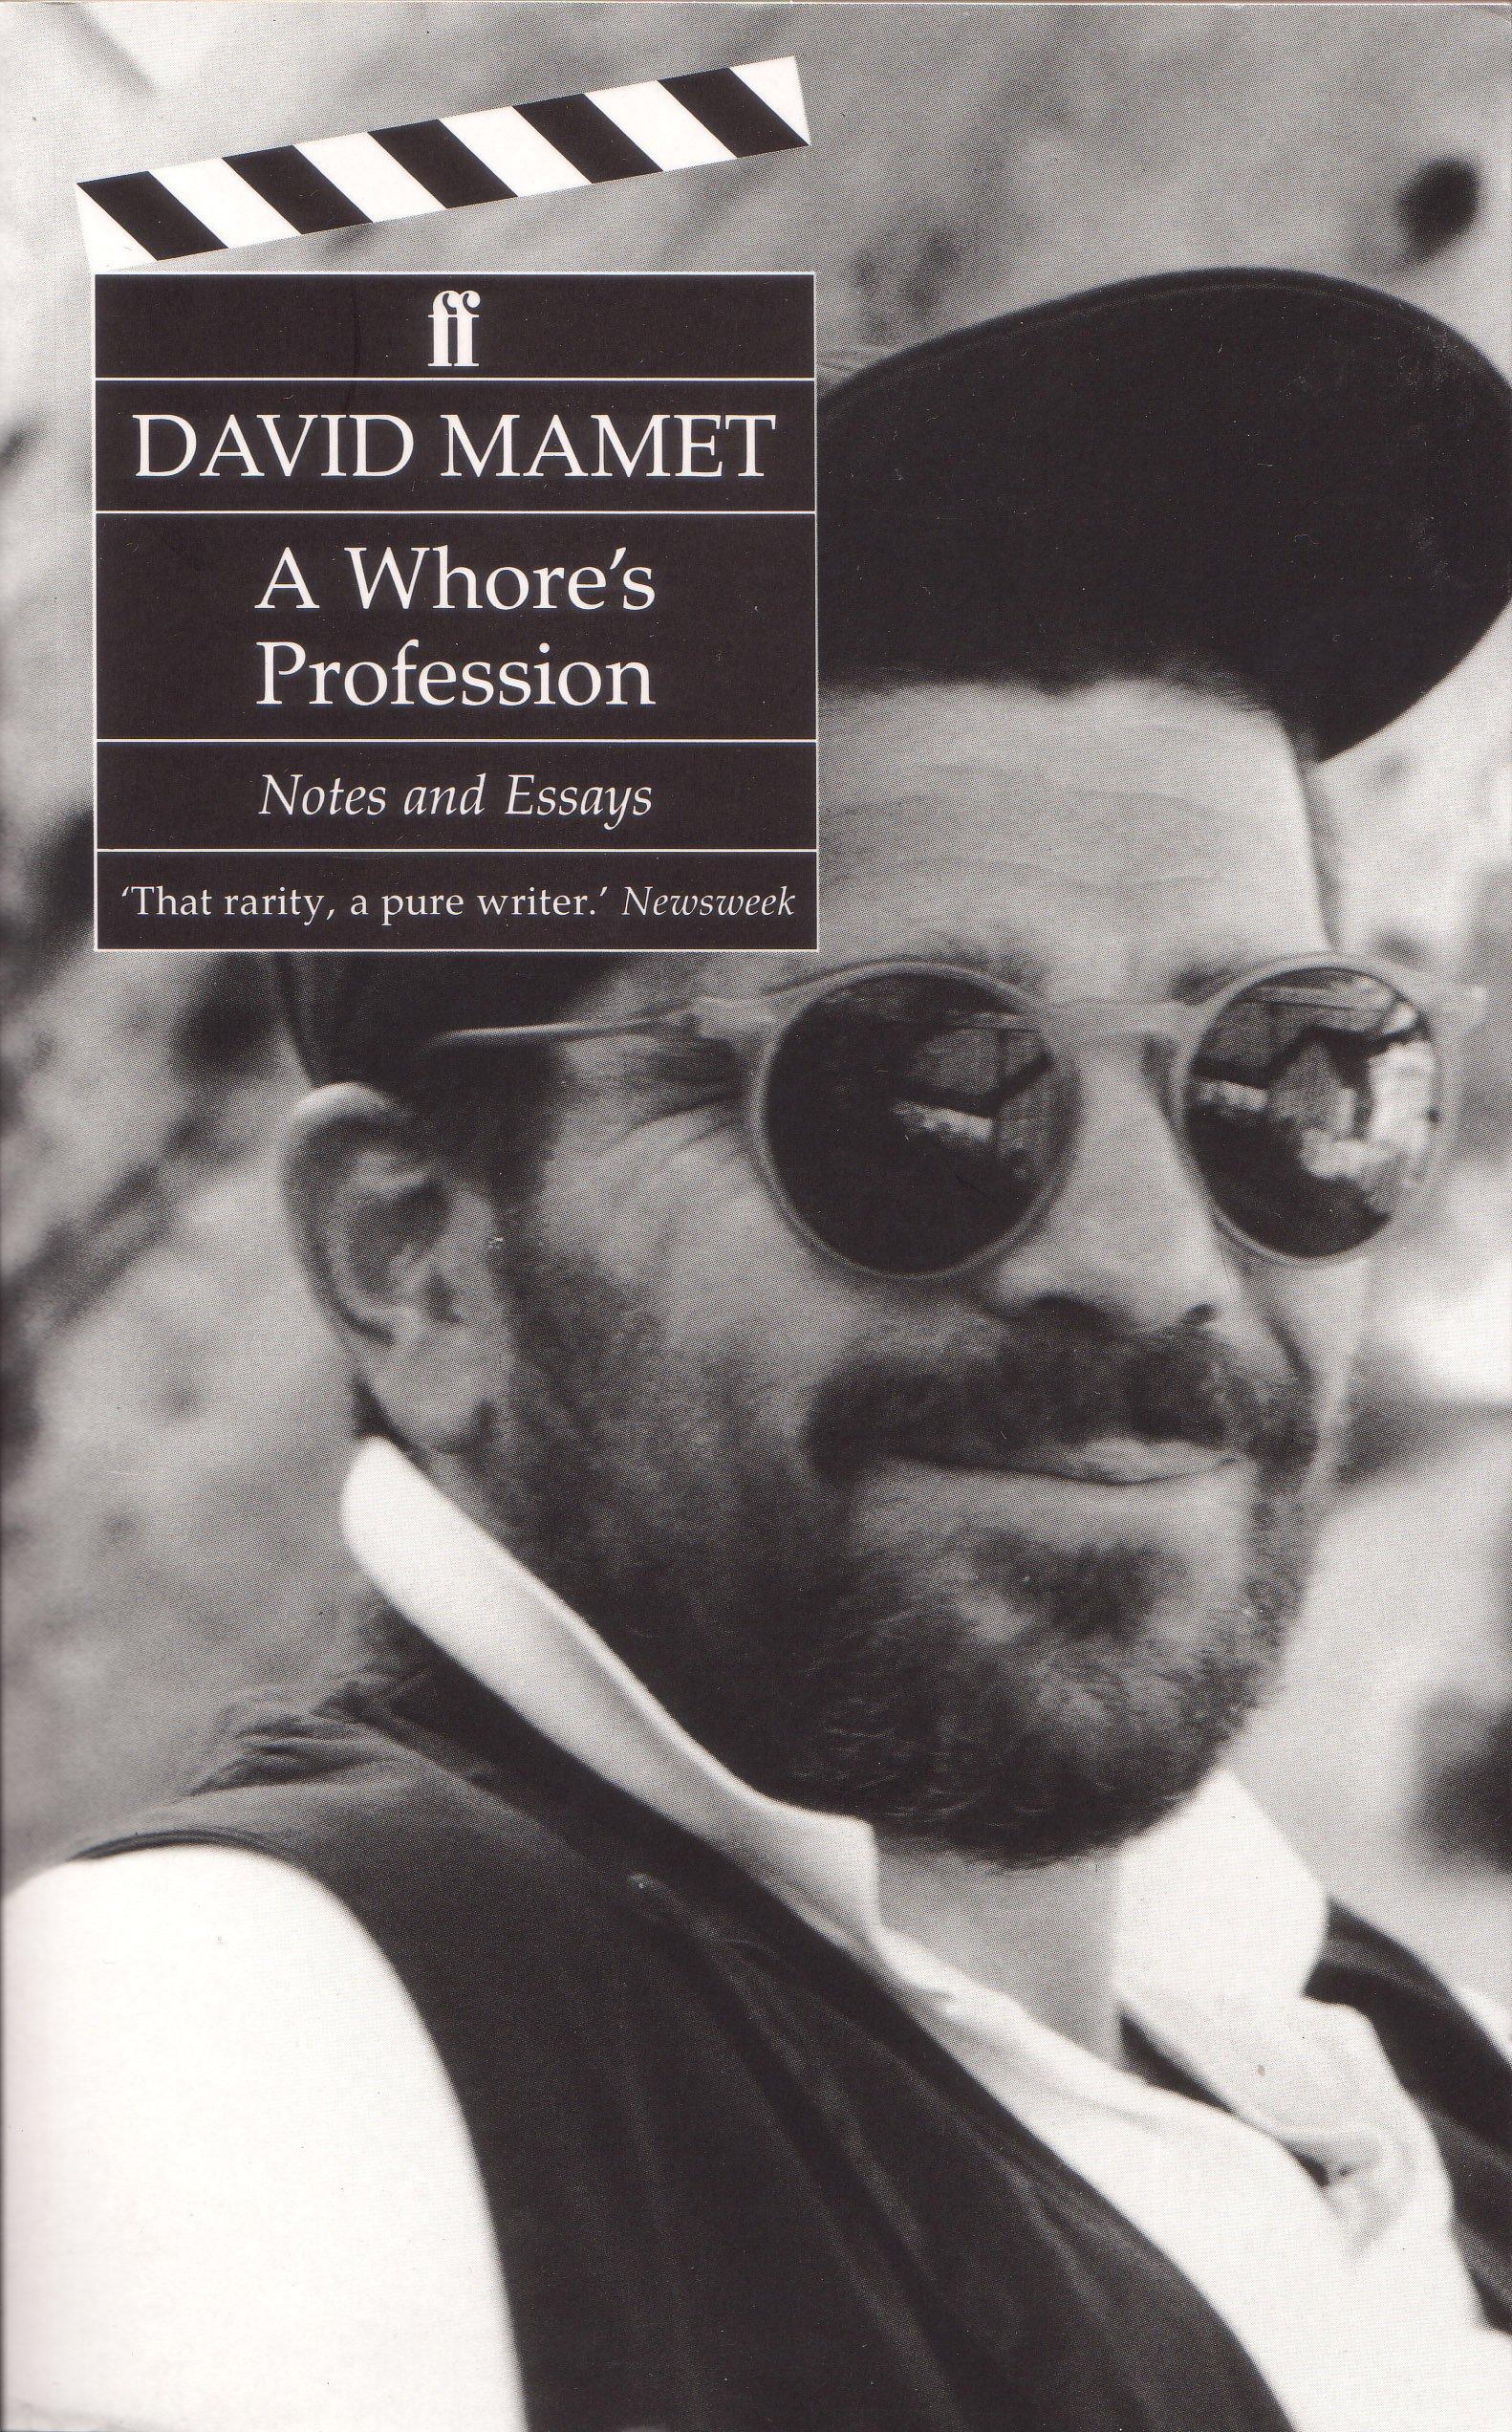 essay note profession whore